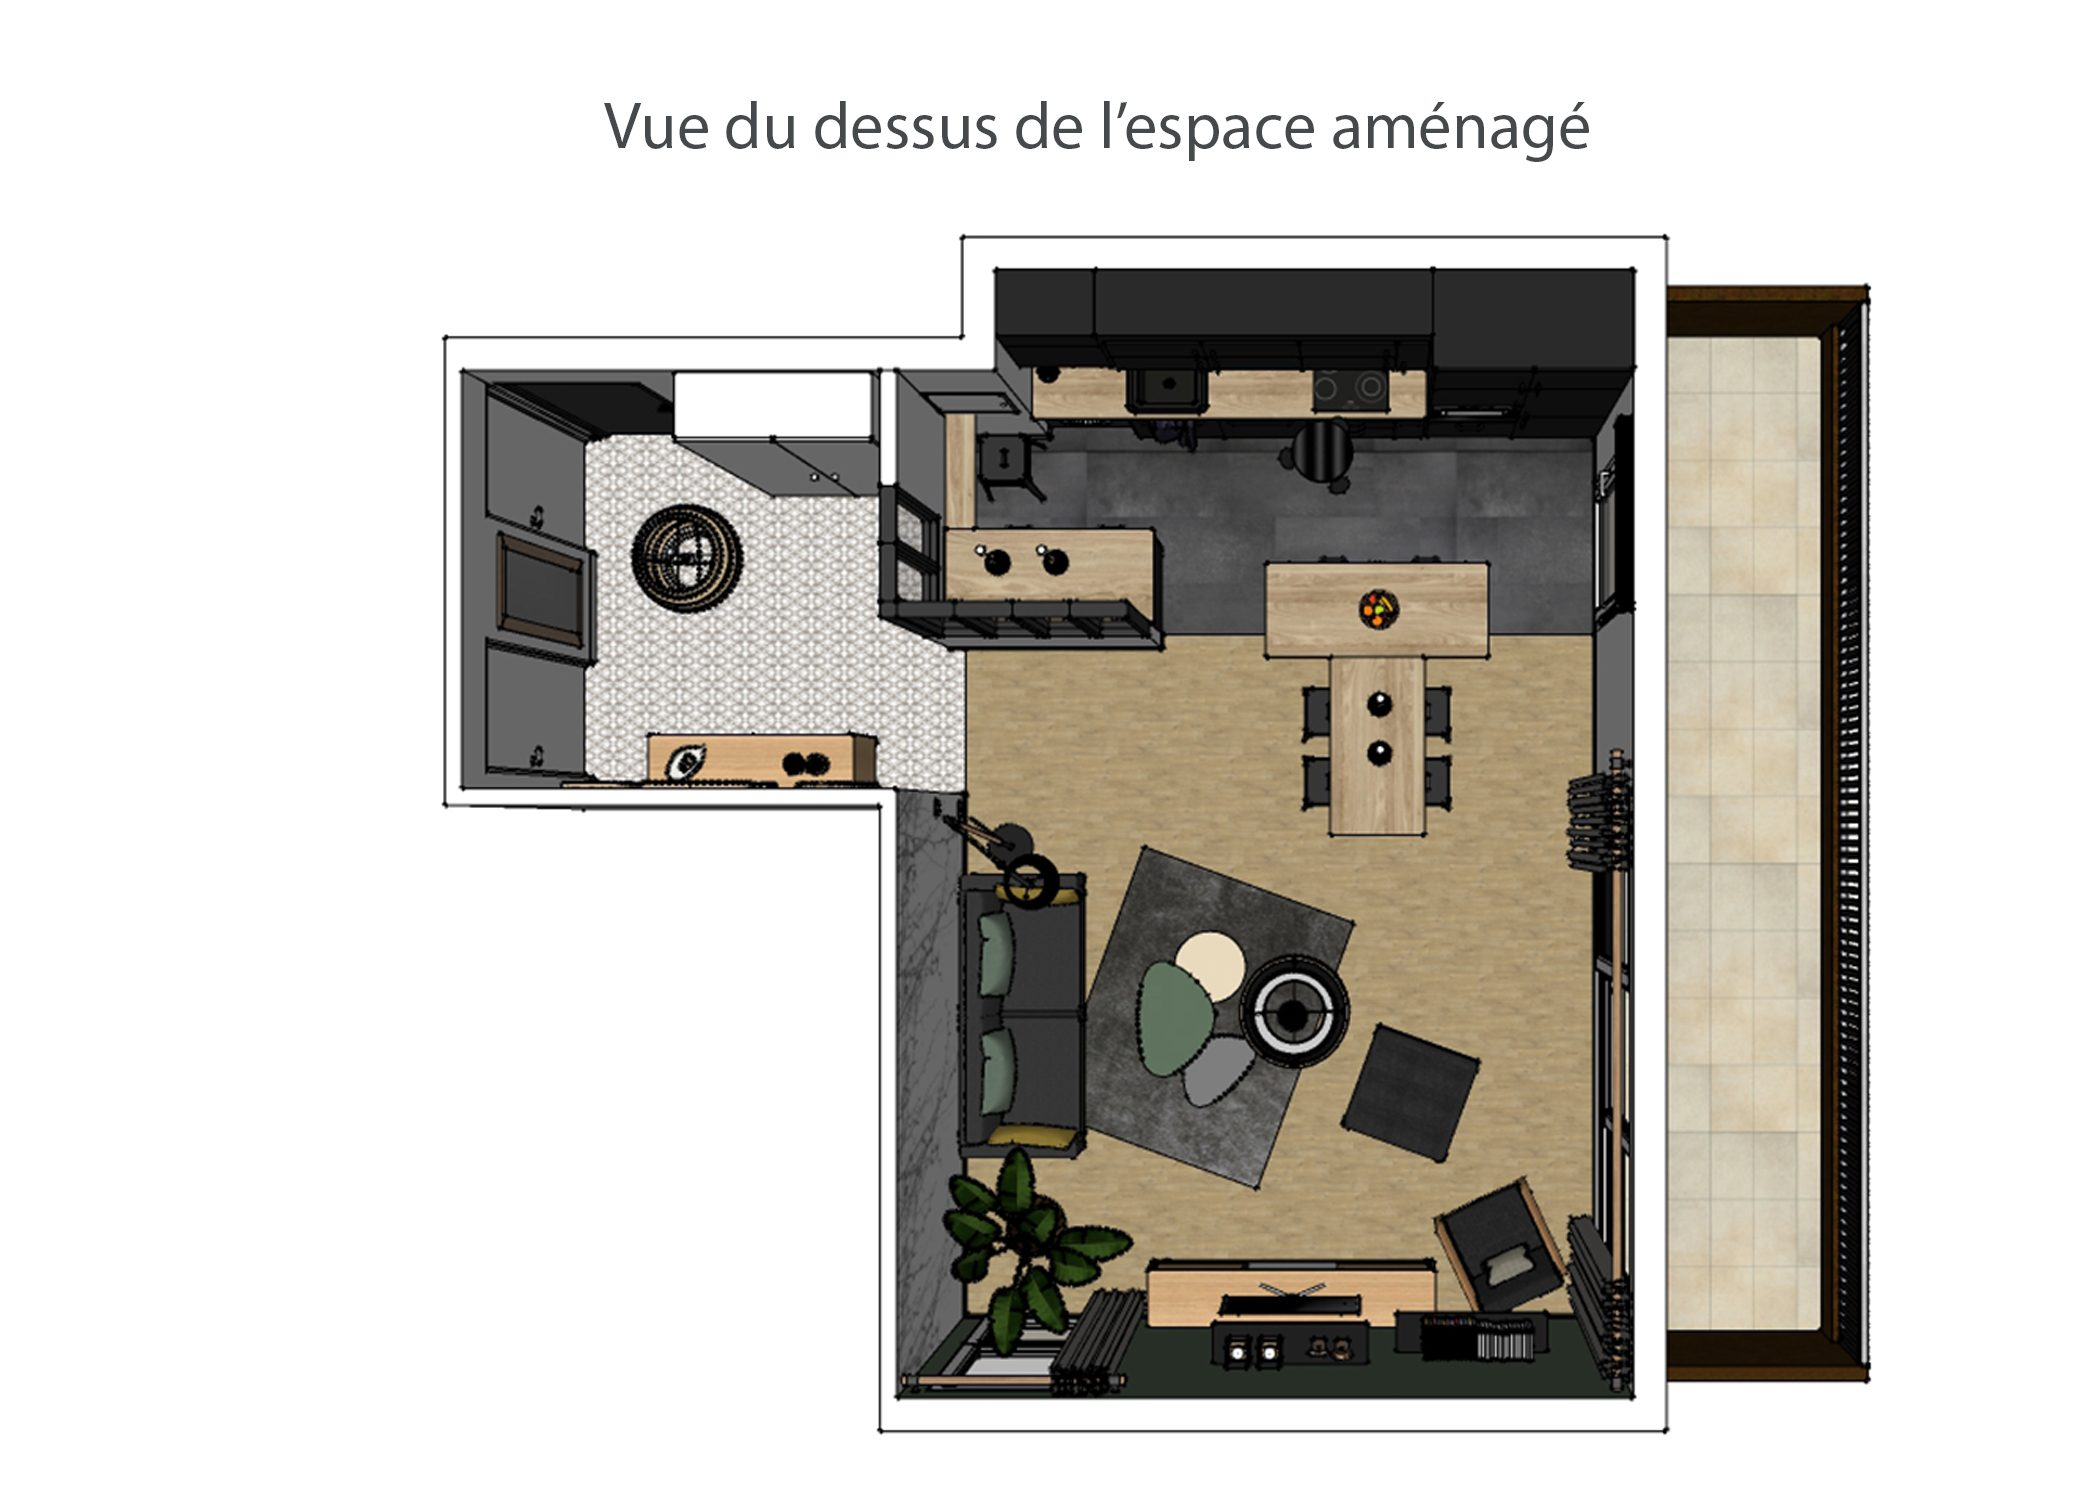 amenagement-decoration-appartement-region parisienne-vue du dessus espace amenage-dekho design